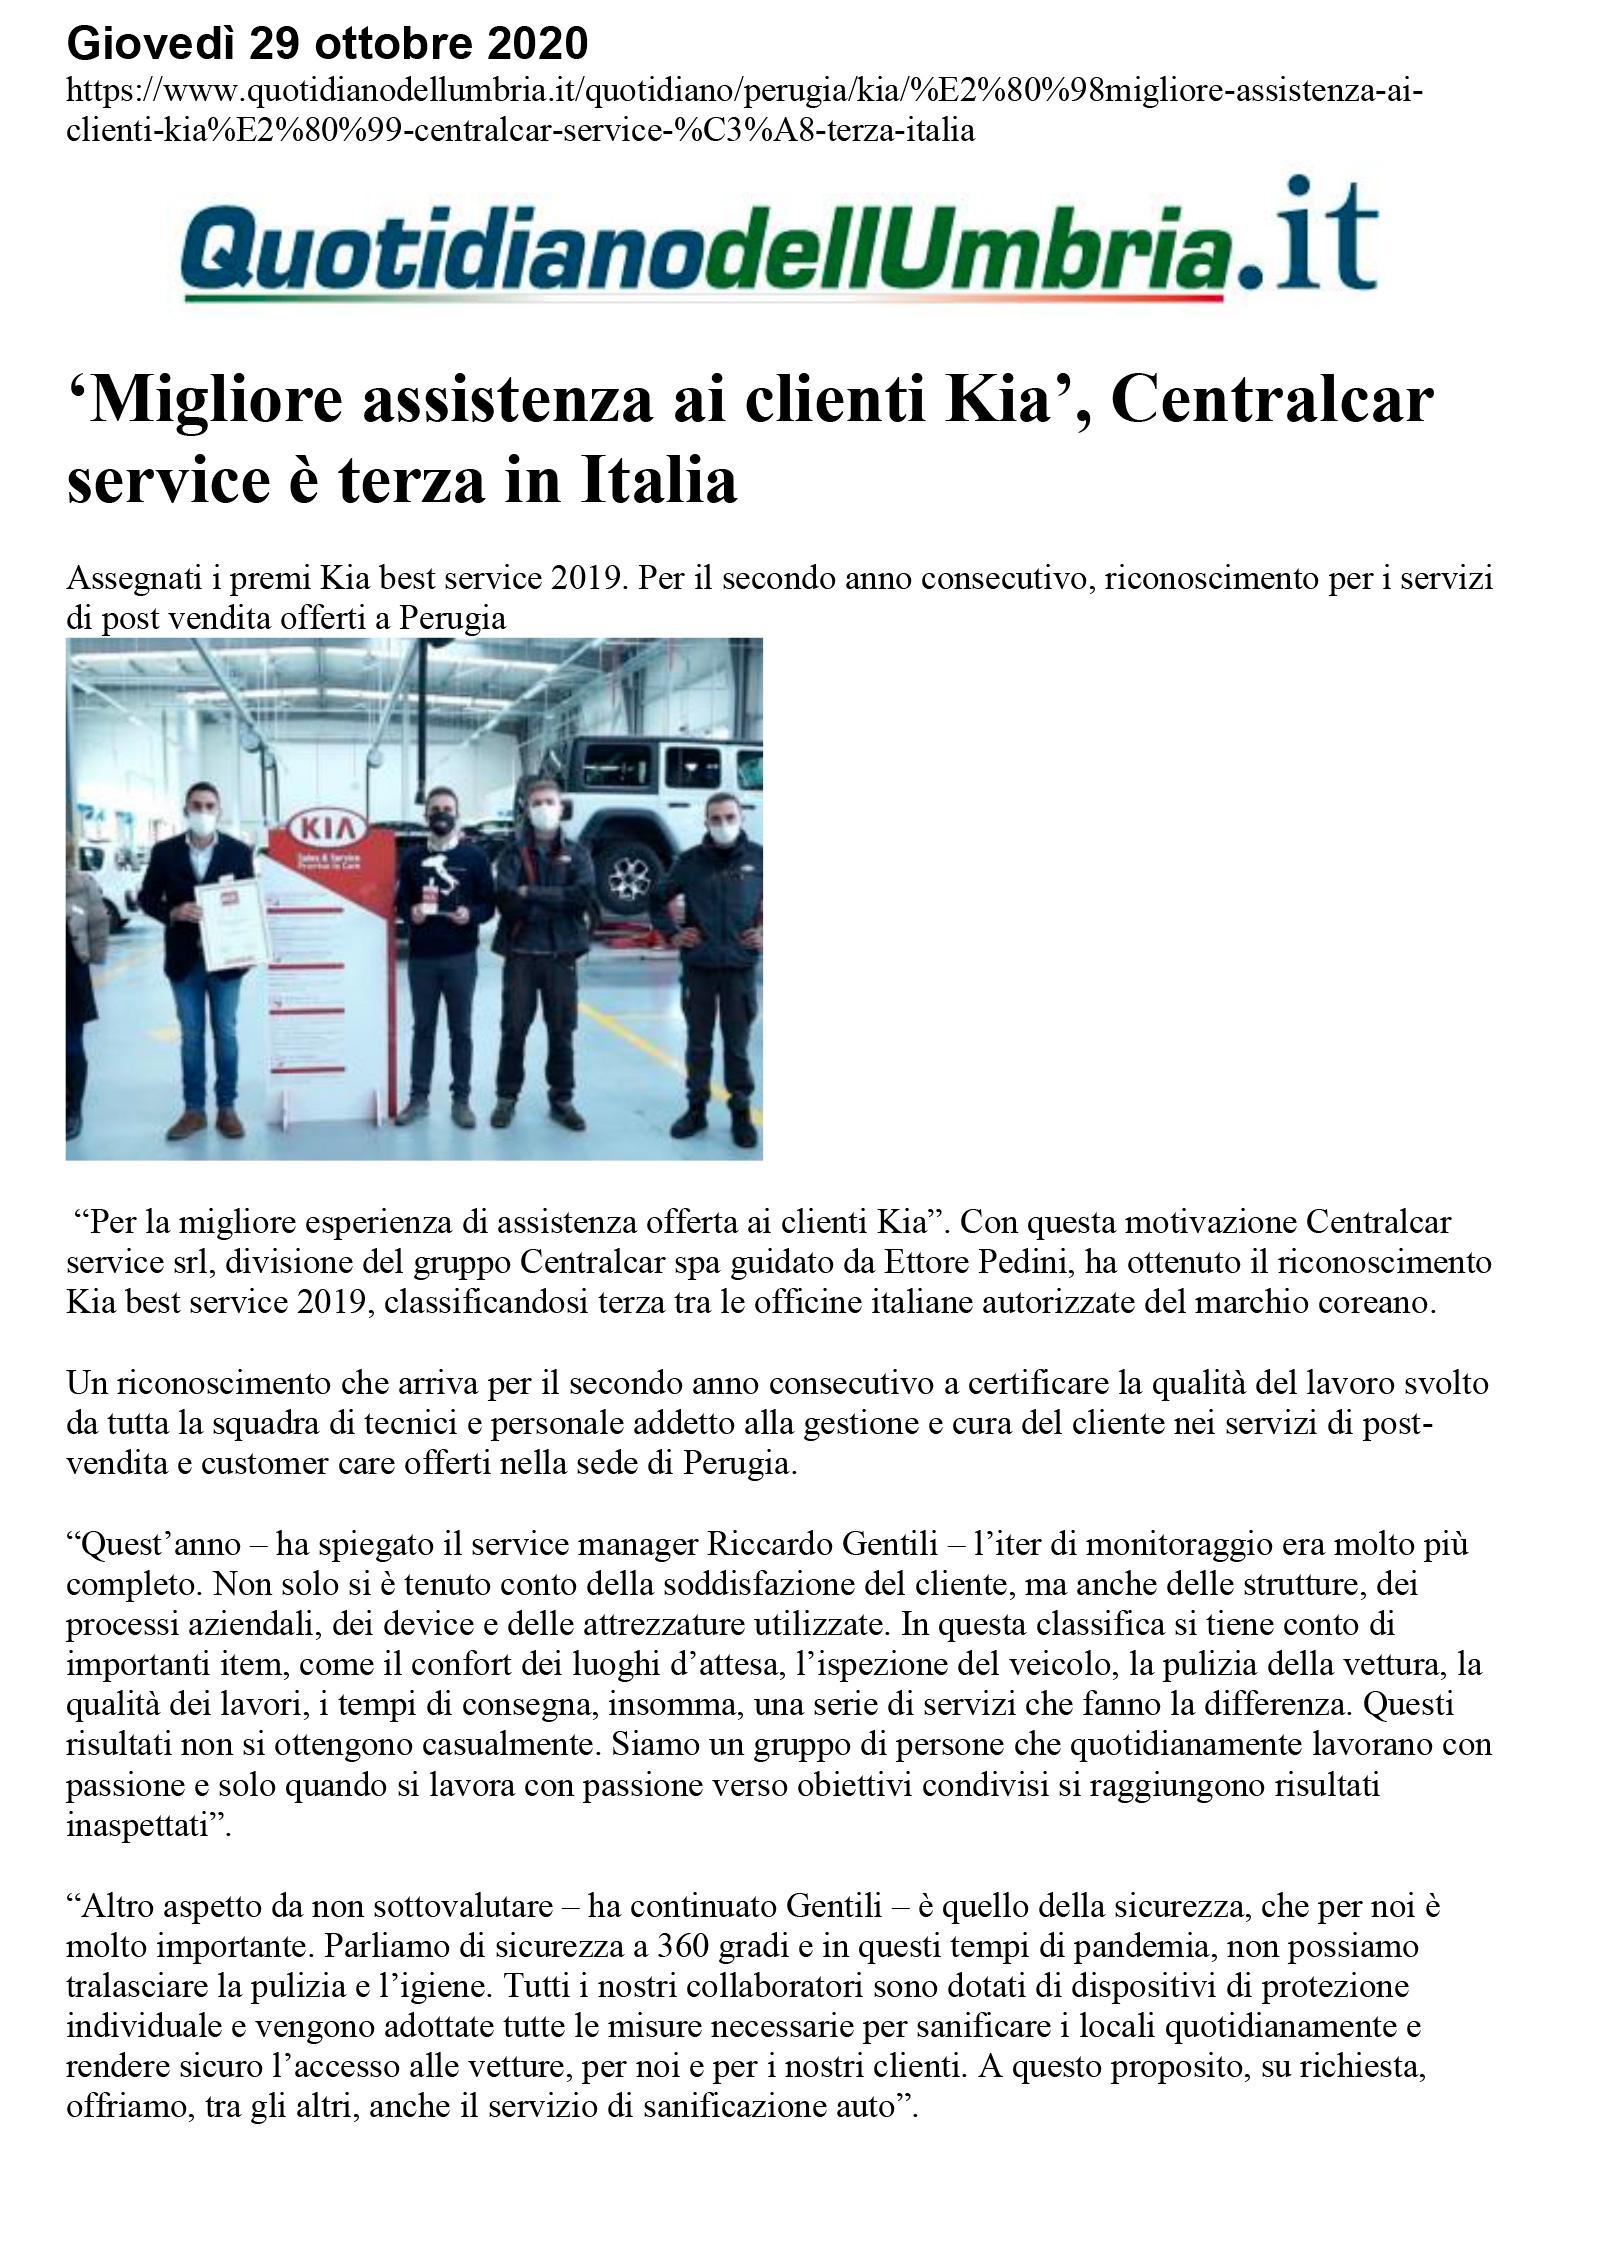 'Migliore assistenza ai clienti Kia', Centralcar service è terza in Italia